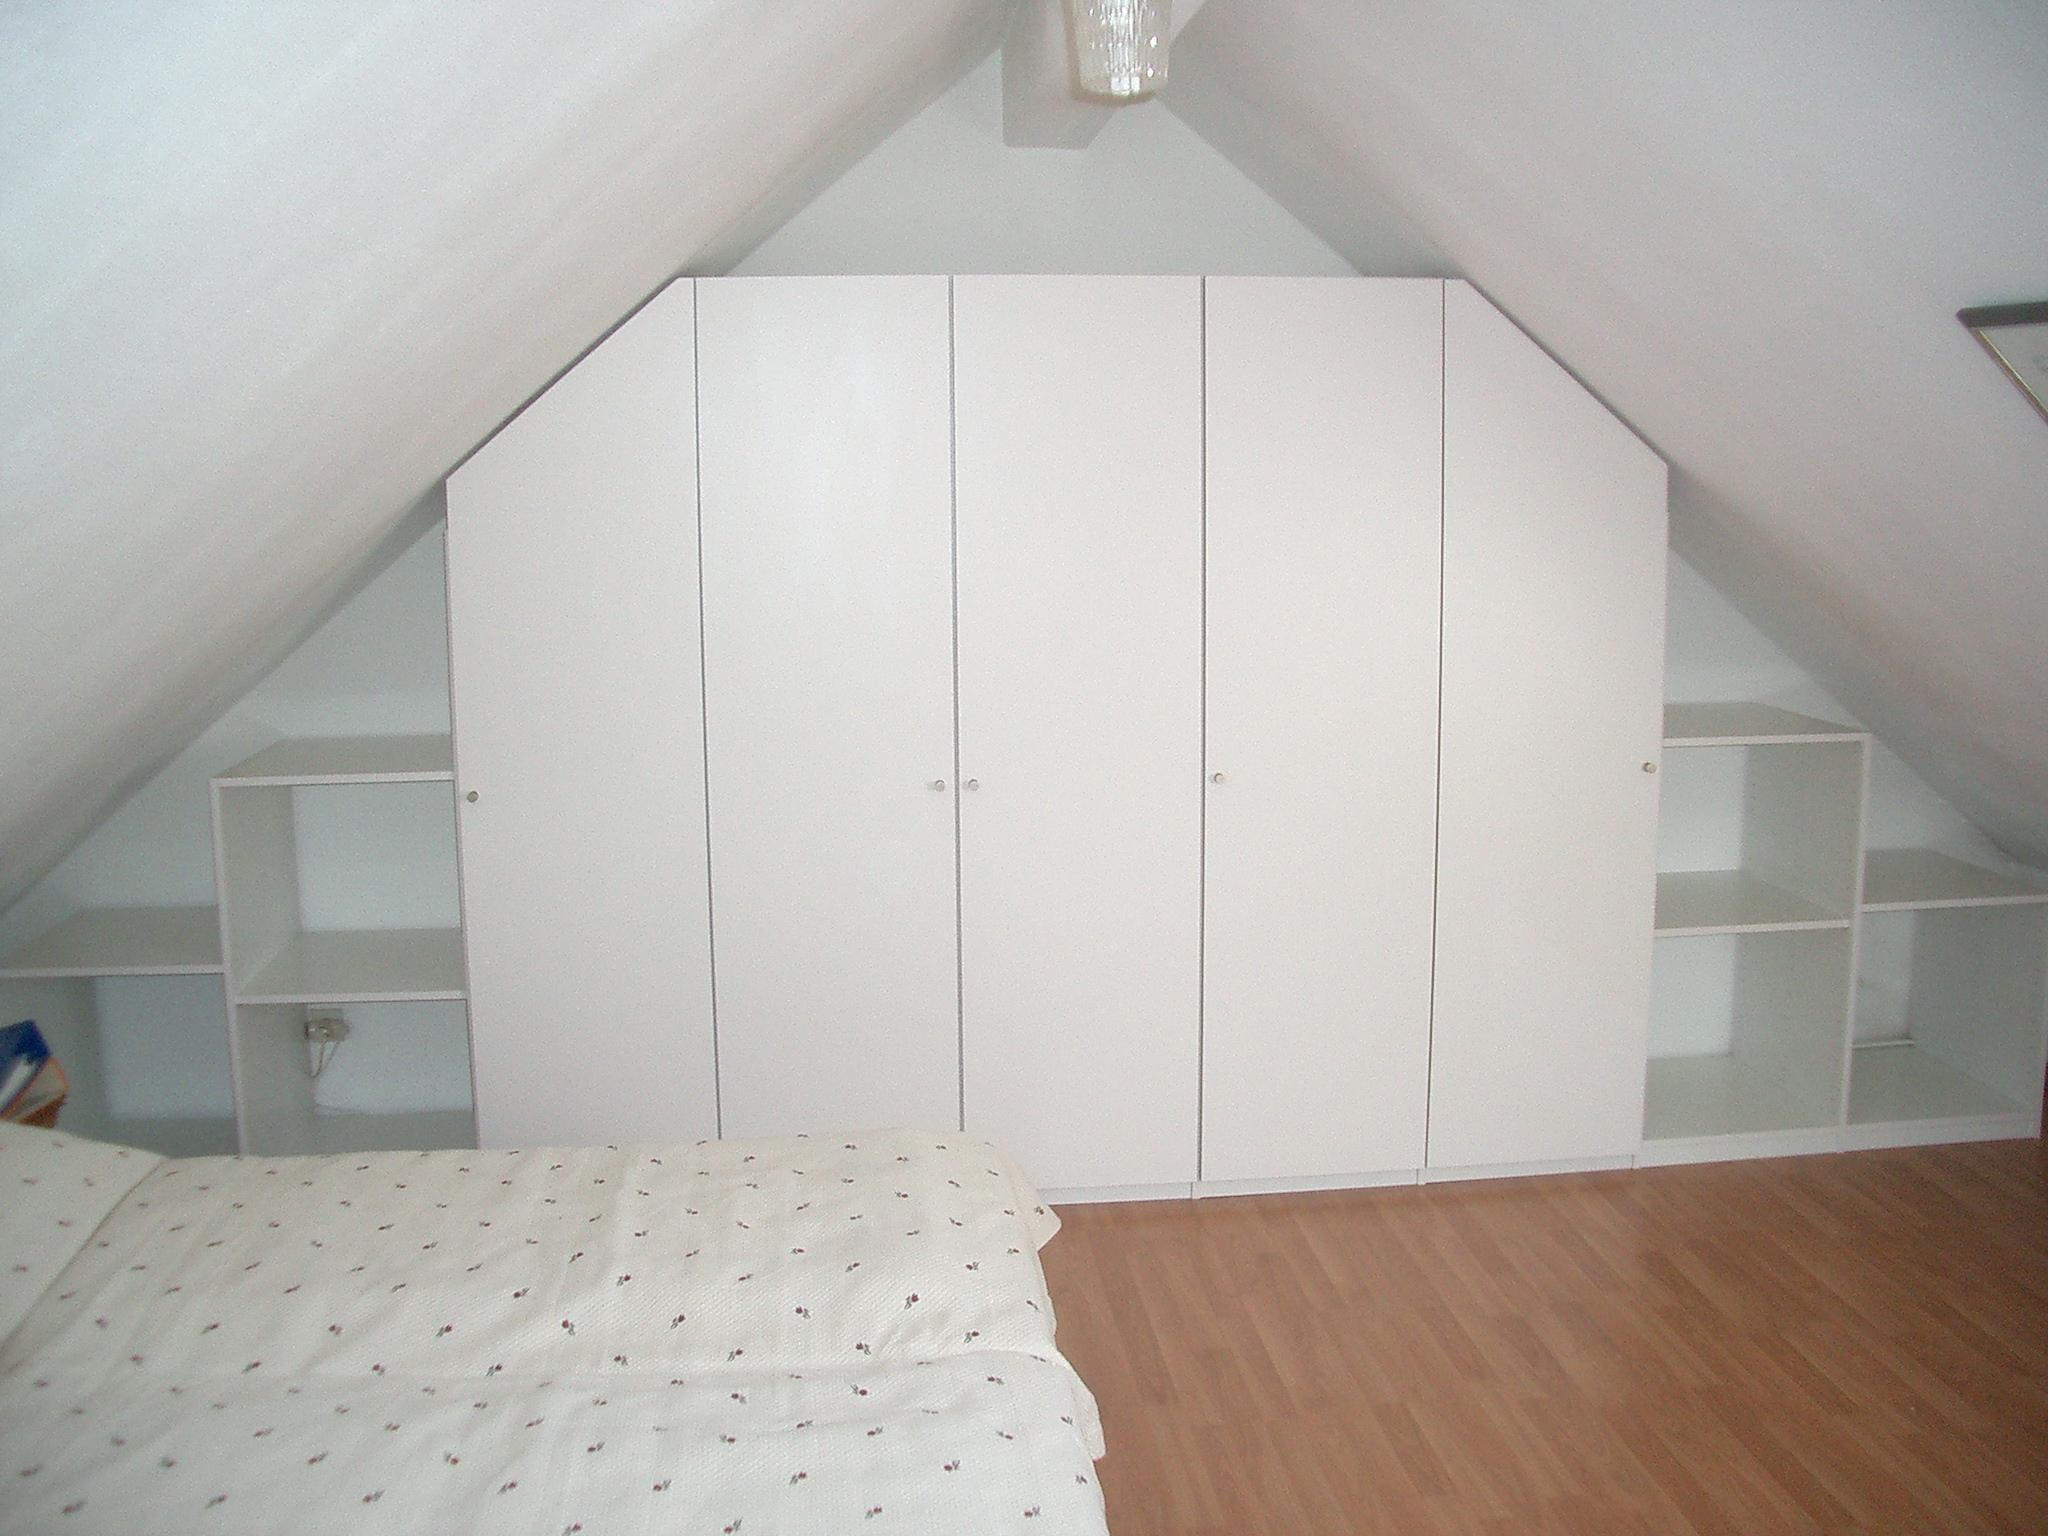 Individuelle Möbel unter Dachschrägen